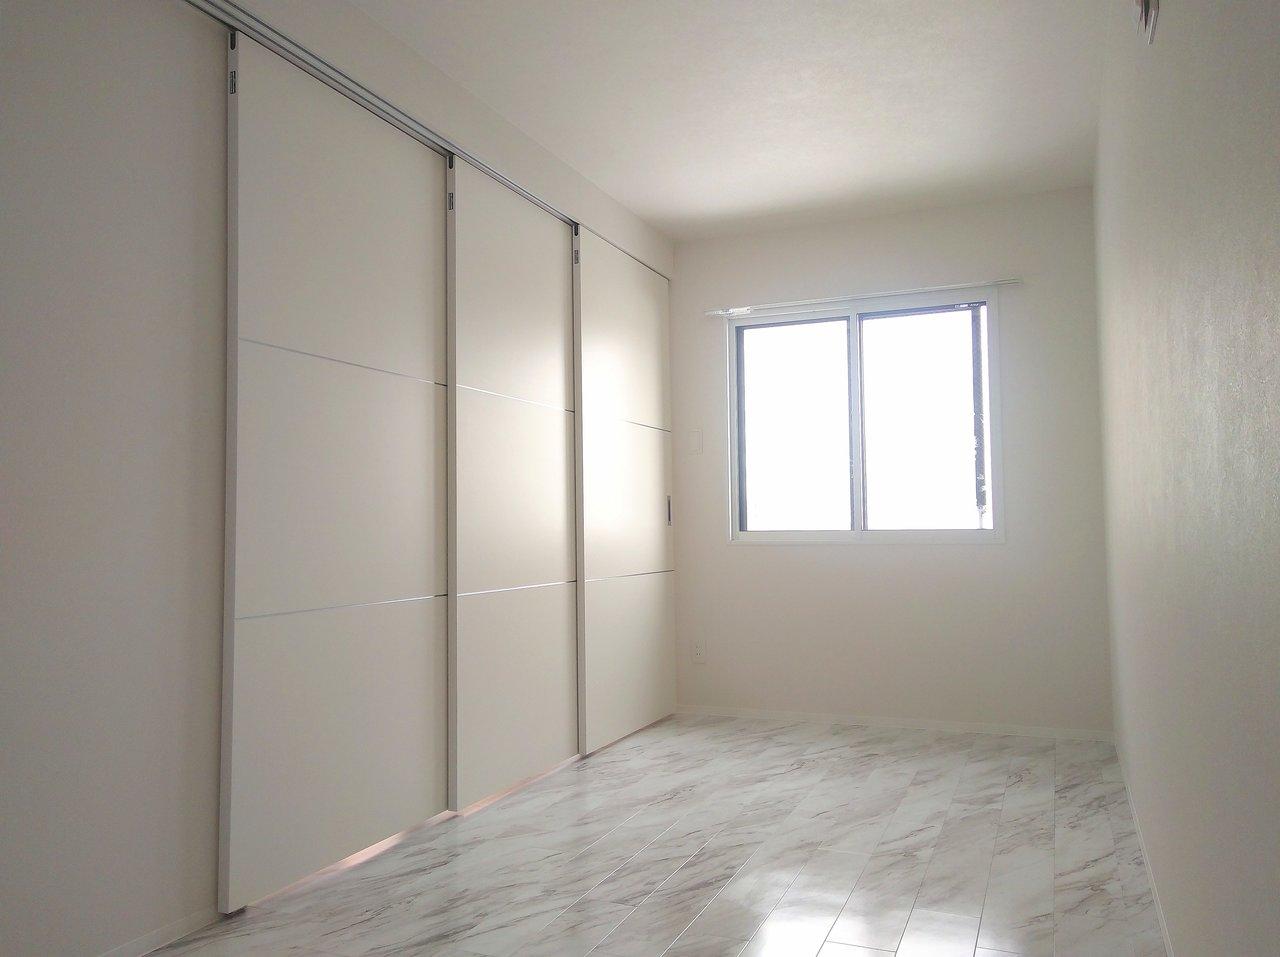 扉を閉めた後の寝室はこんな感じ。窓もあるので、換気もできますよ。